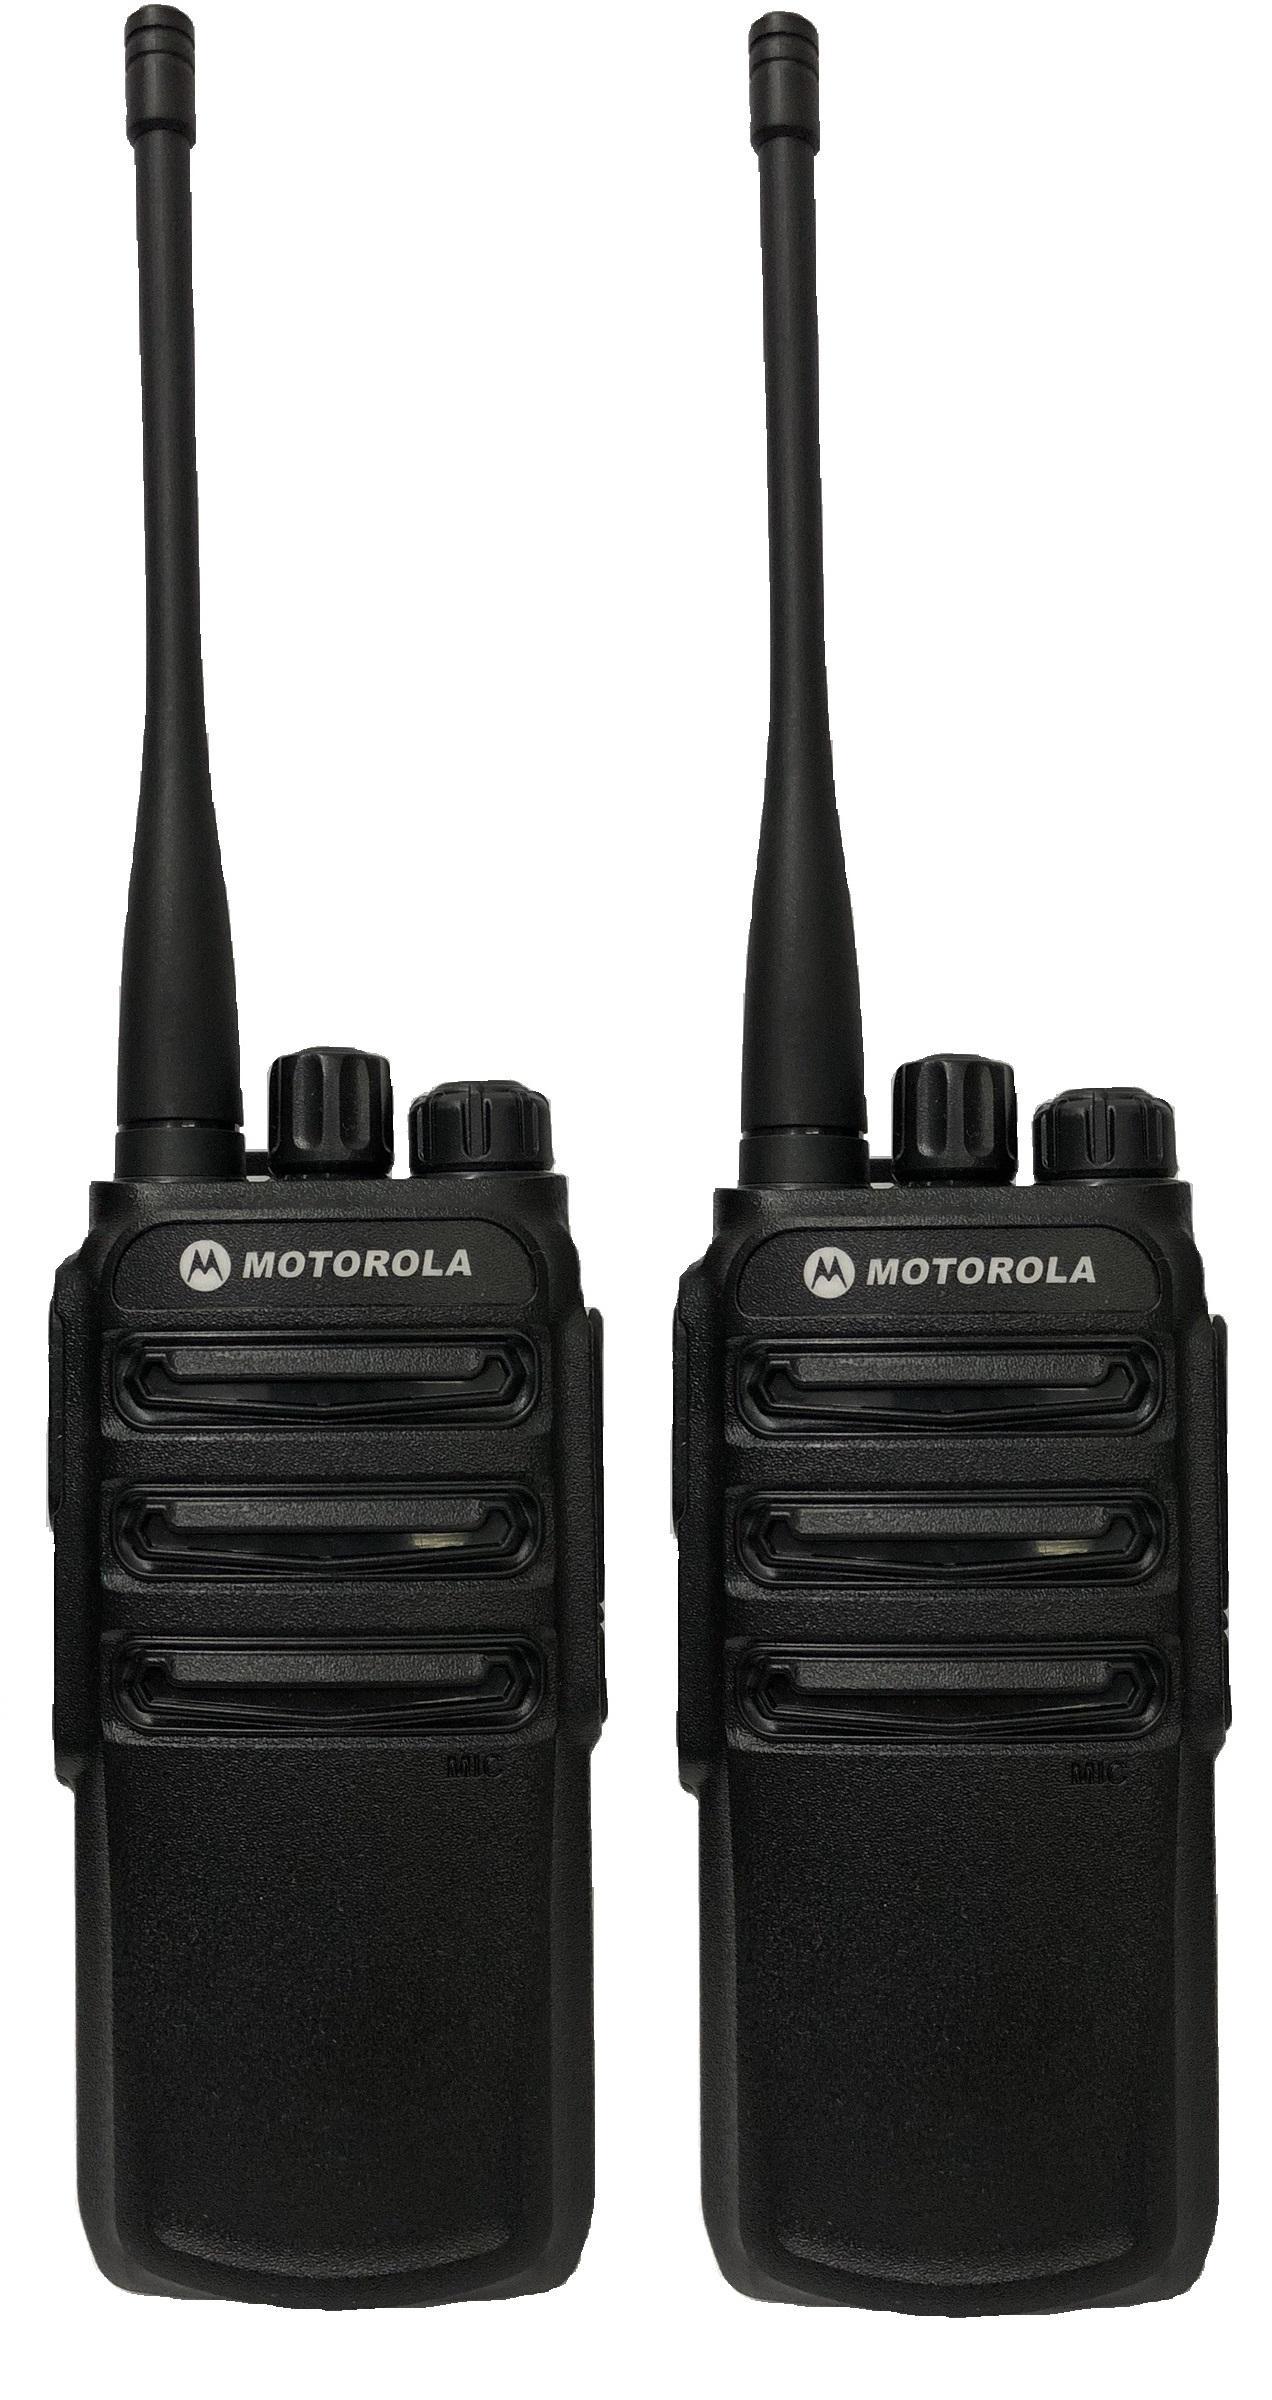 Bộ 2 Bộ đàm Motorola CP838 (Siêu bền, Loa chống từ tính, Pin dung lượng lớn, cự ly liên lạc xa) Nhật Bản